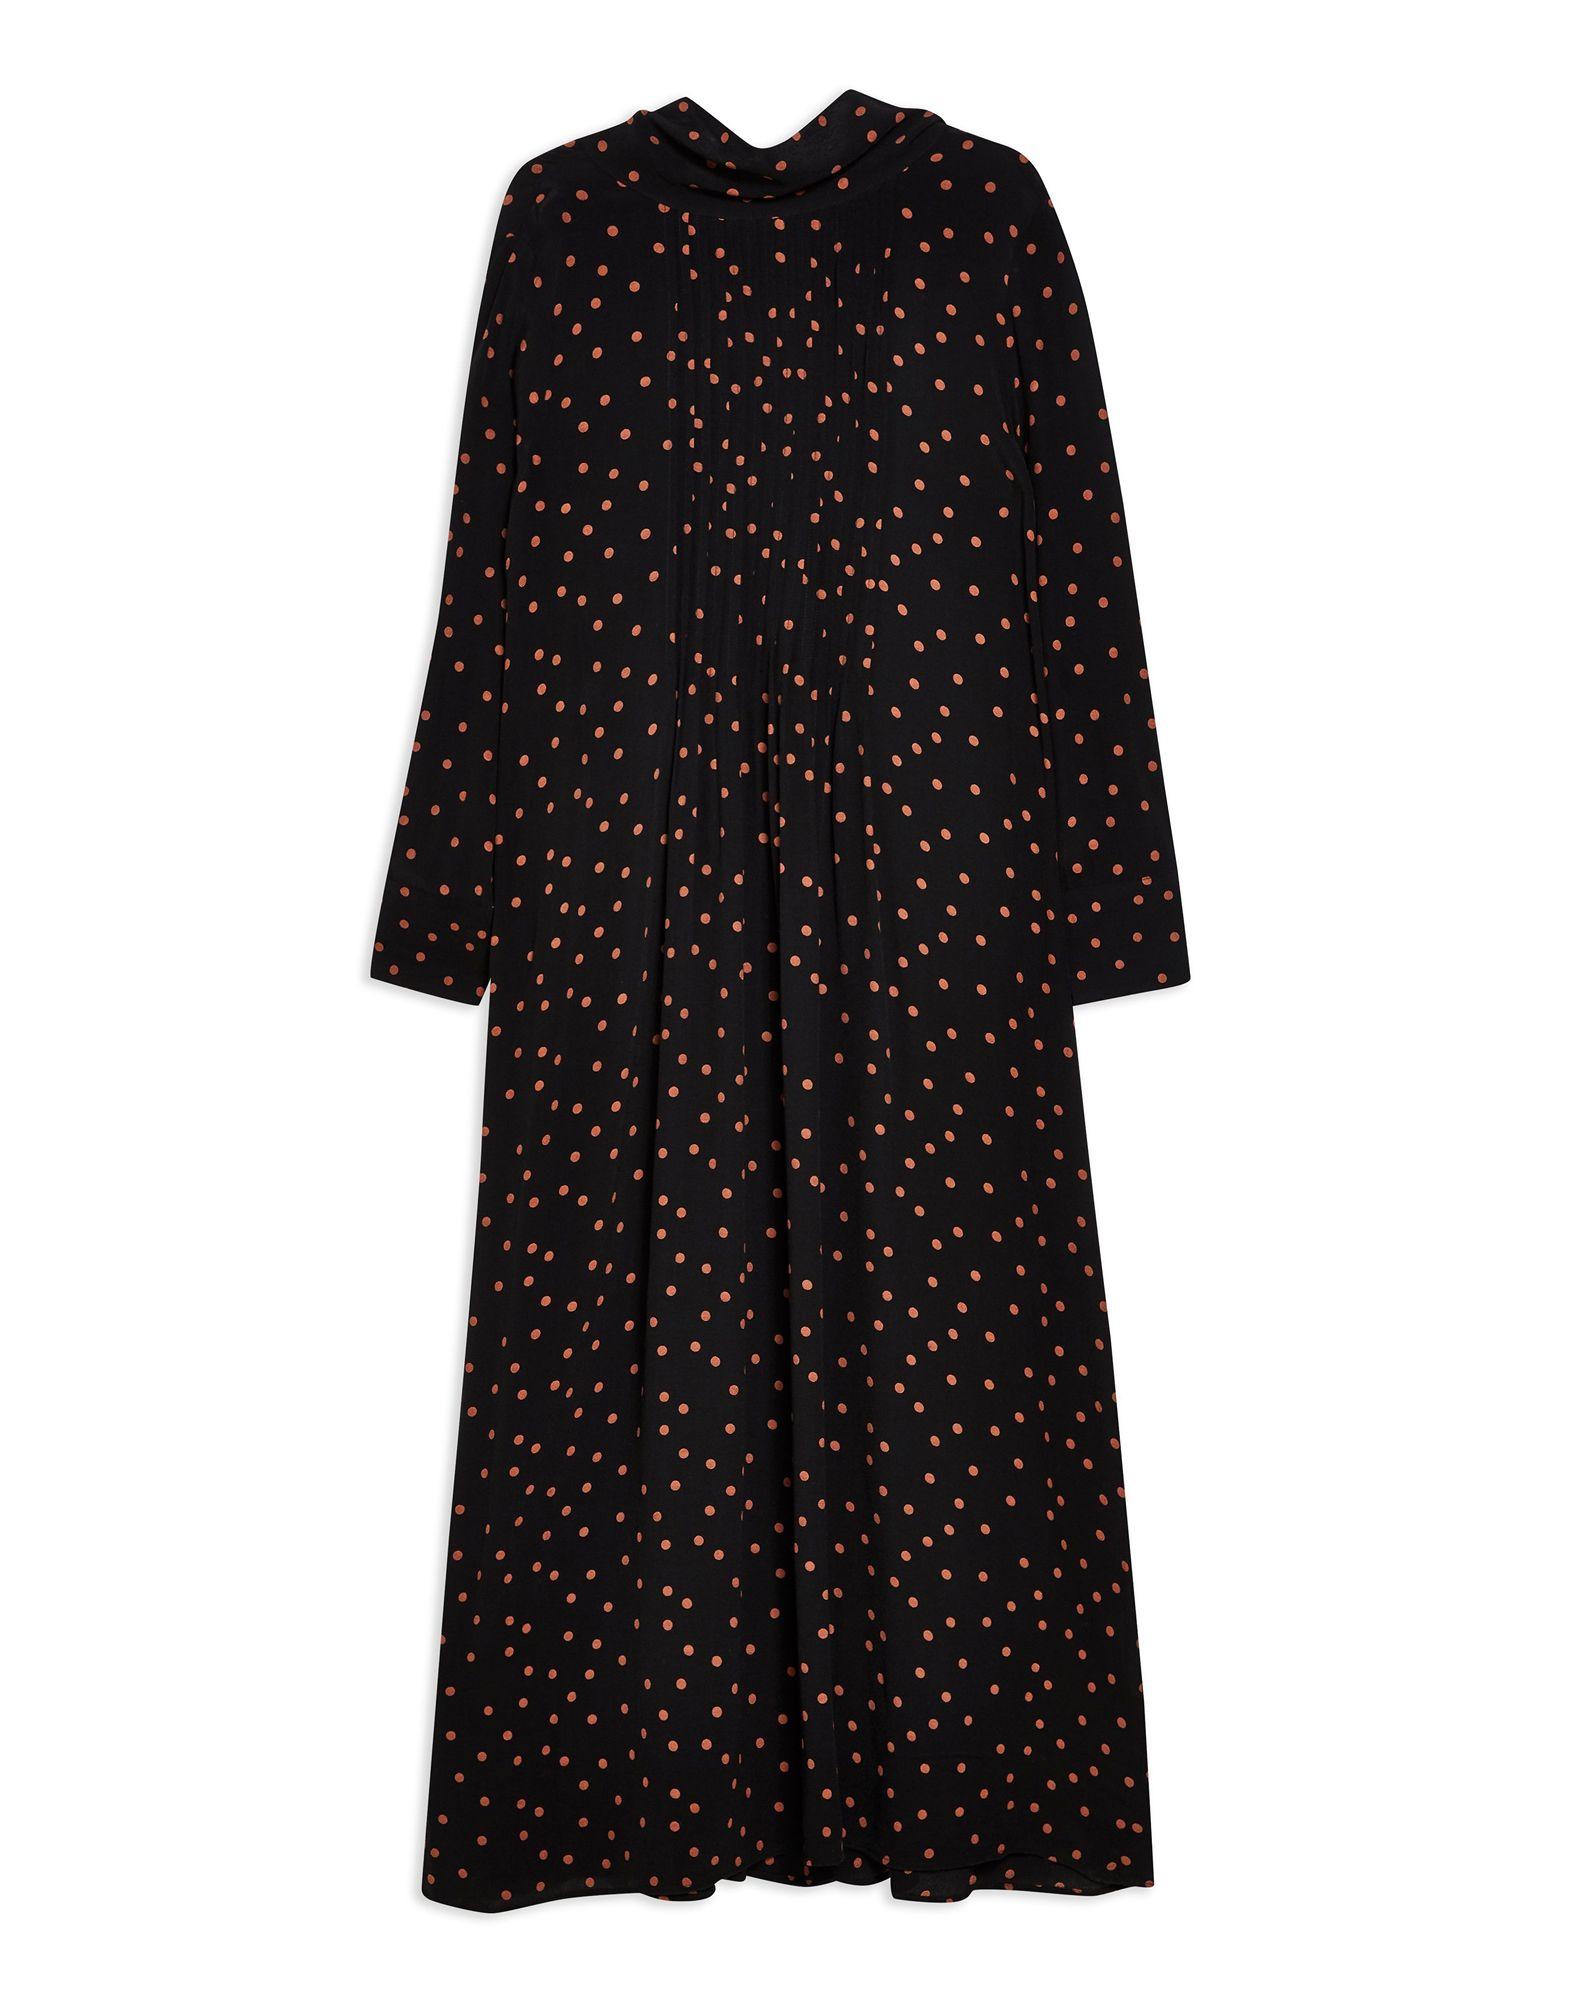 Фото - TOPSHOP Платье длиной 3/4 платье комбинезон в горошек 1 мес 3 года